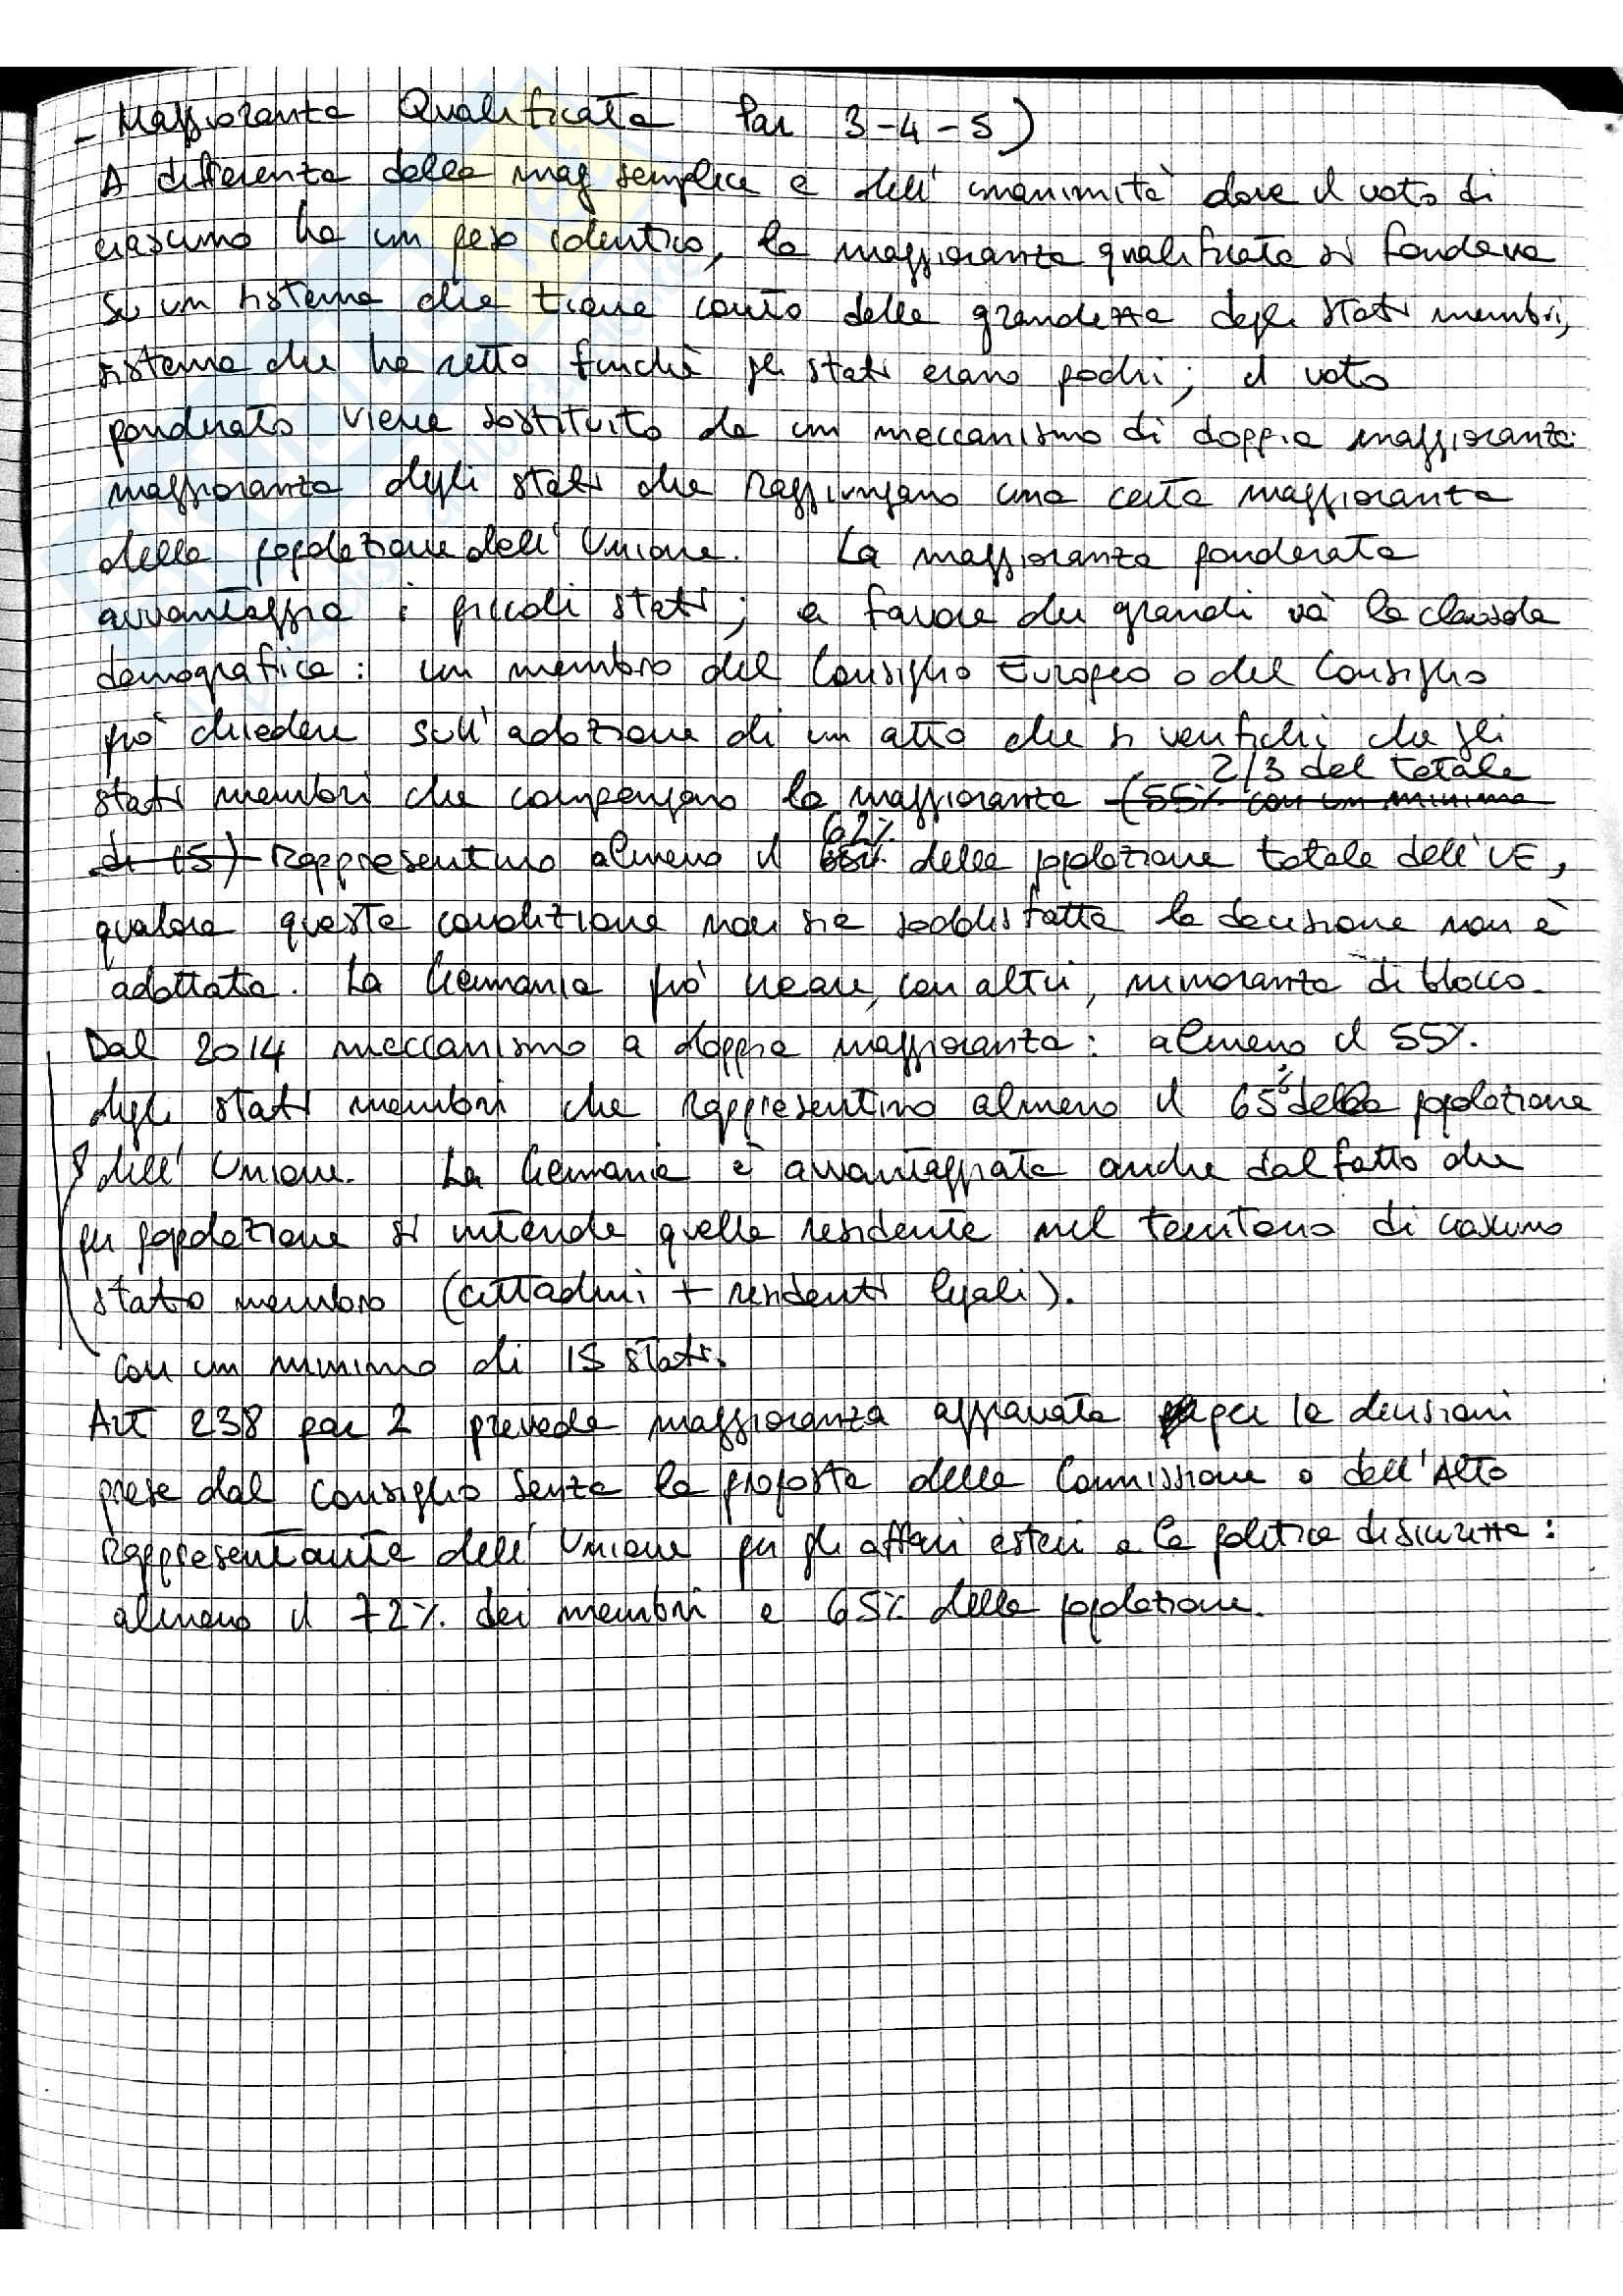 Appunti Diritto dell'Unione Europea - prof. Fortunato Pag. 6